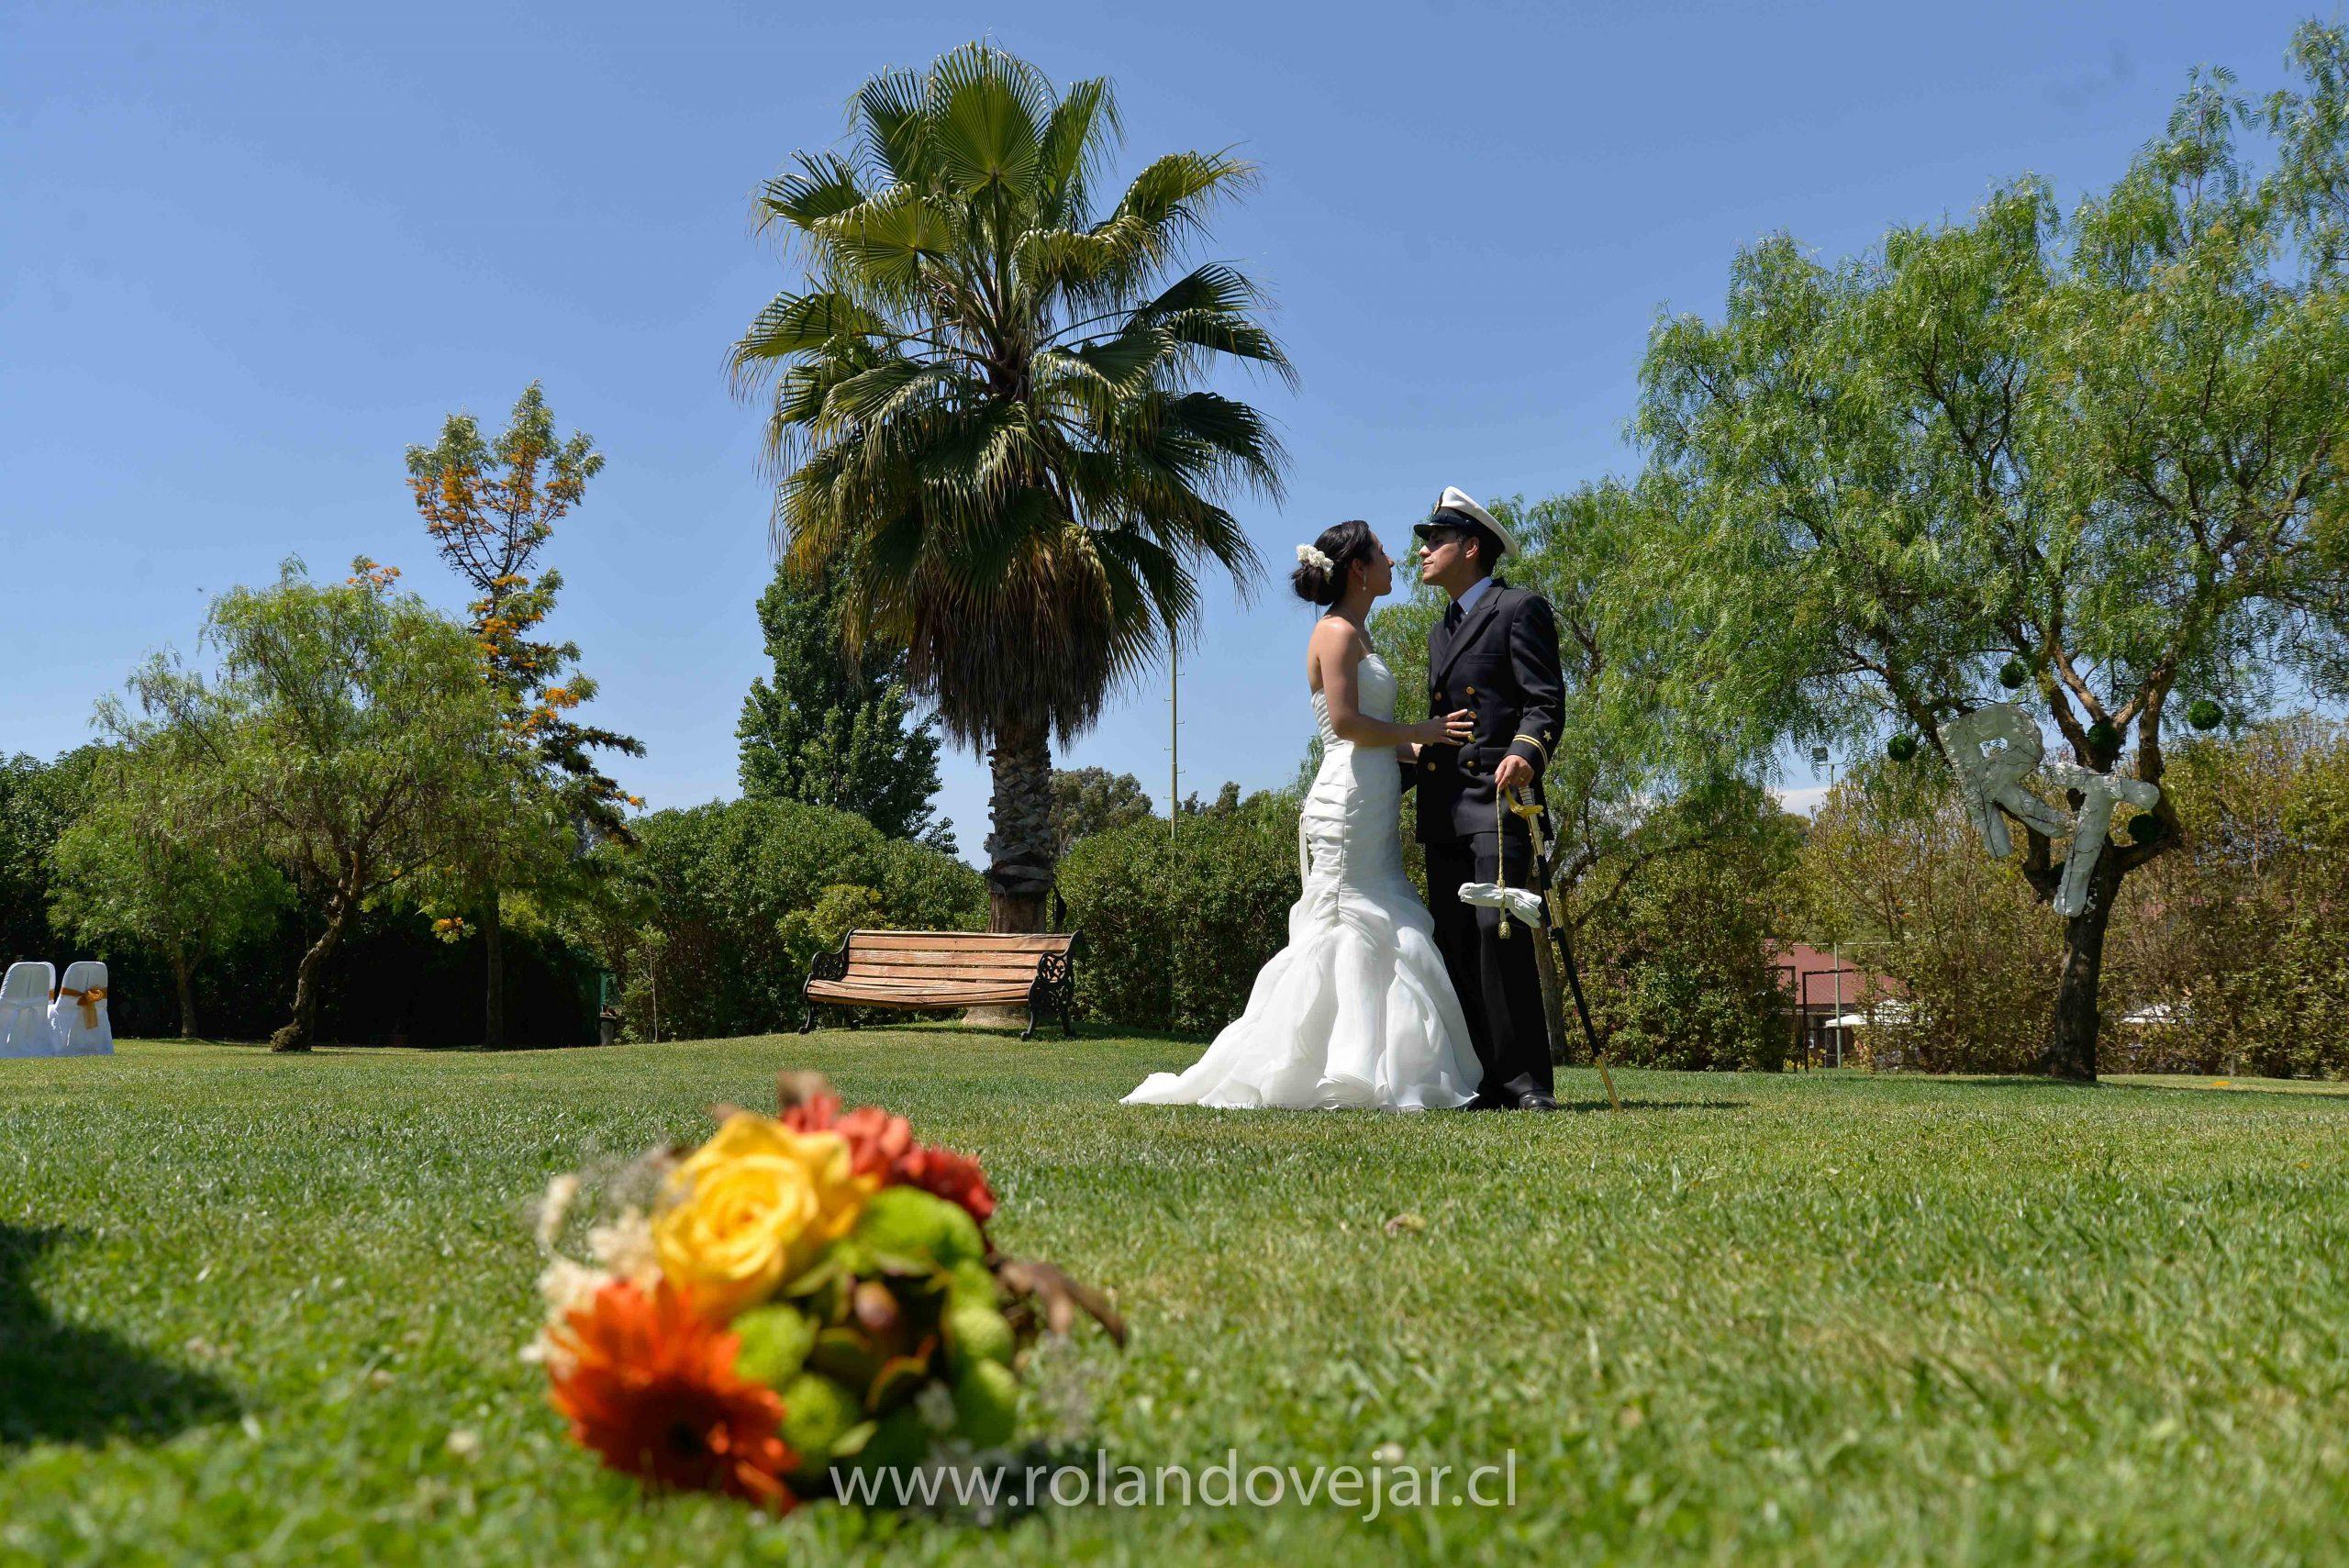 Rolando Vejar Fotografia de matrimonios